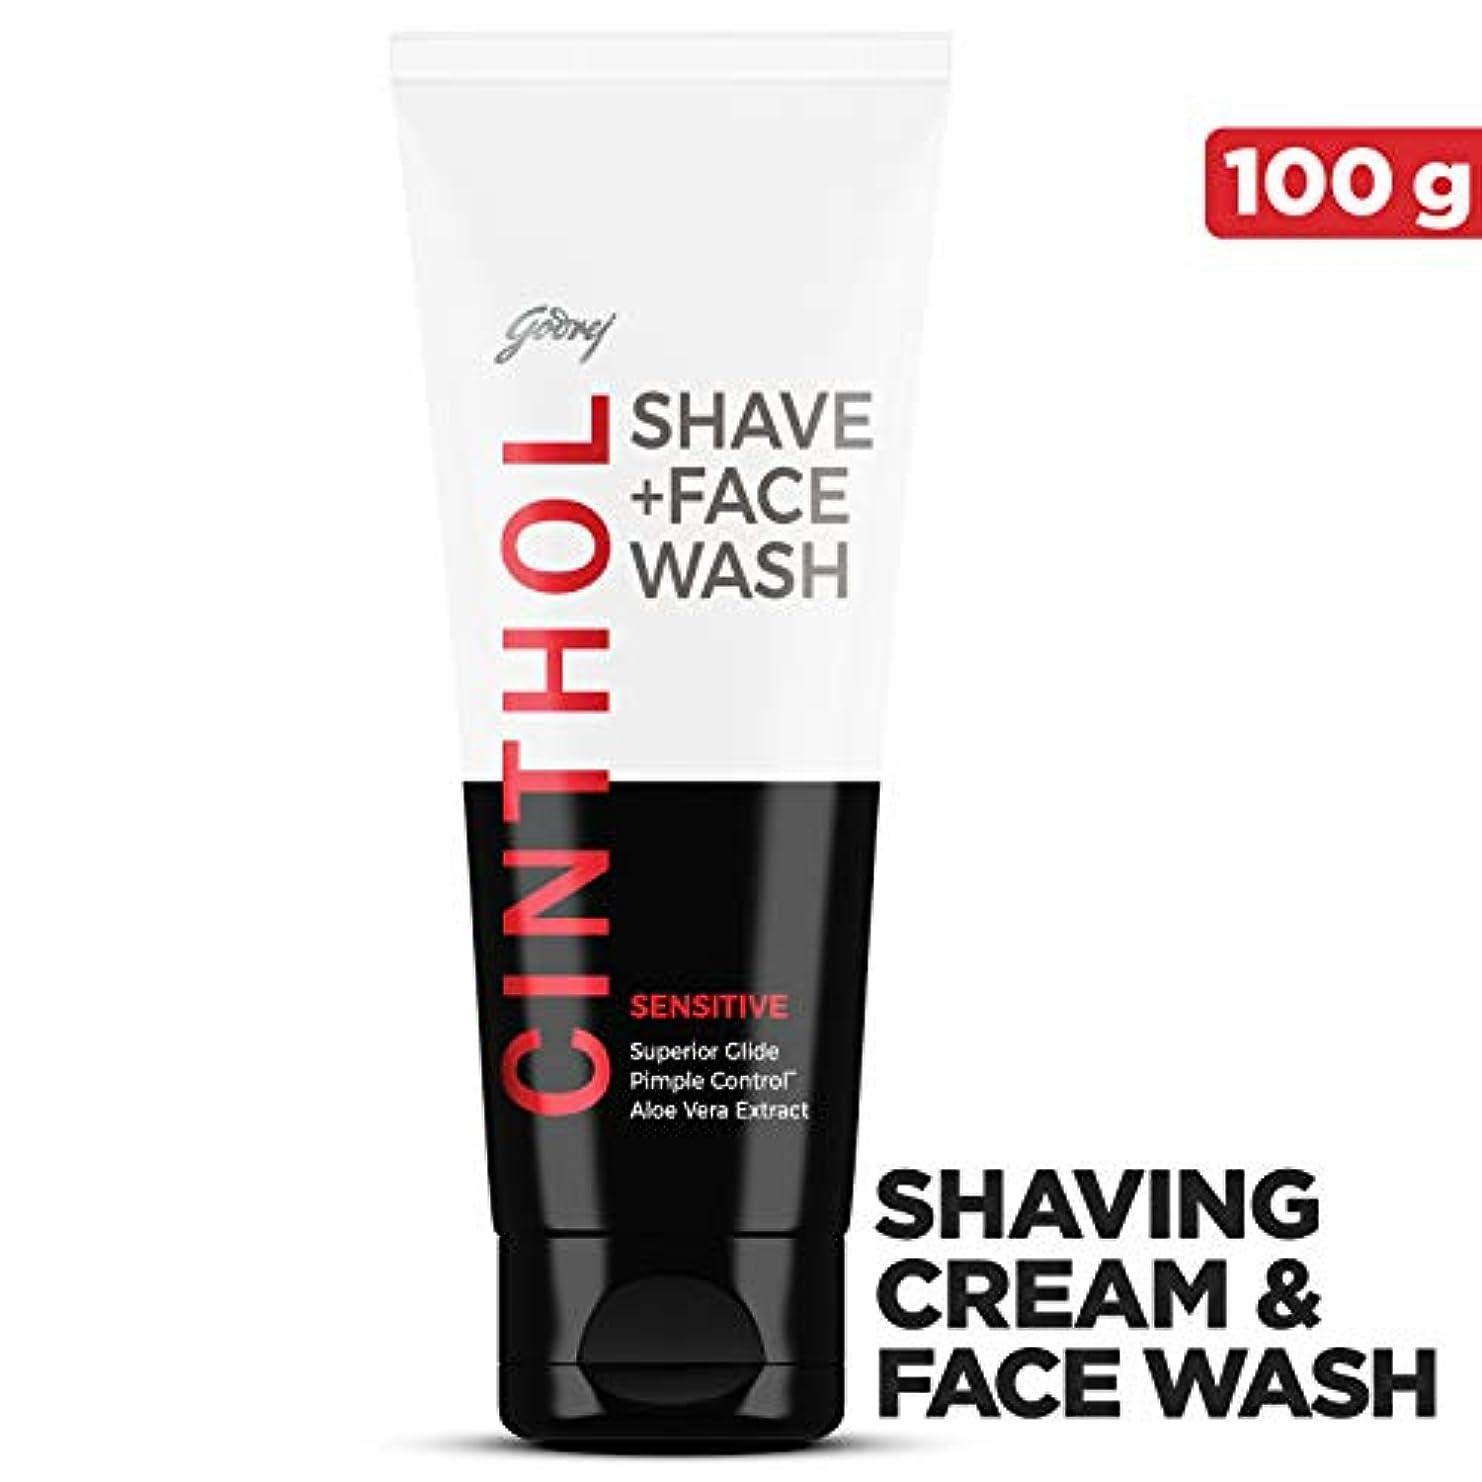 うれしい静かに商標Cinthol Sensitive Shaving + Face wash 100g